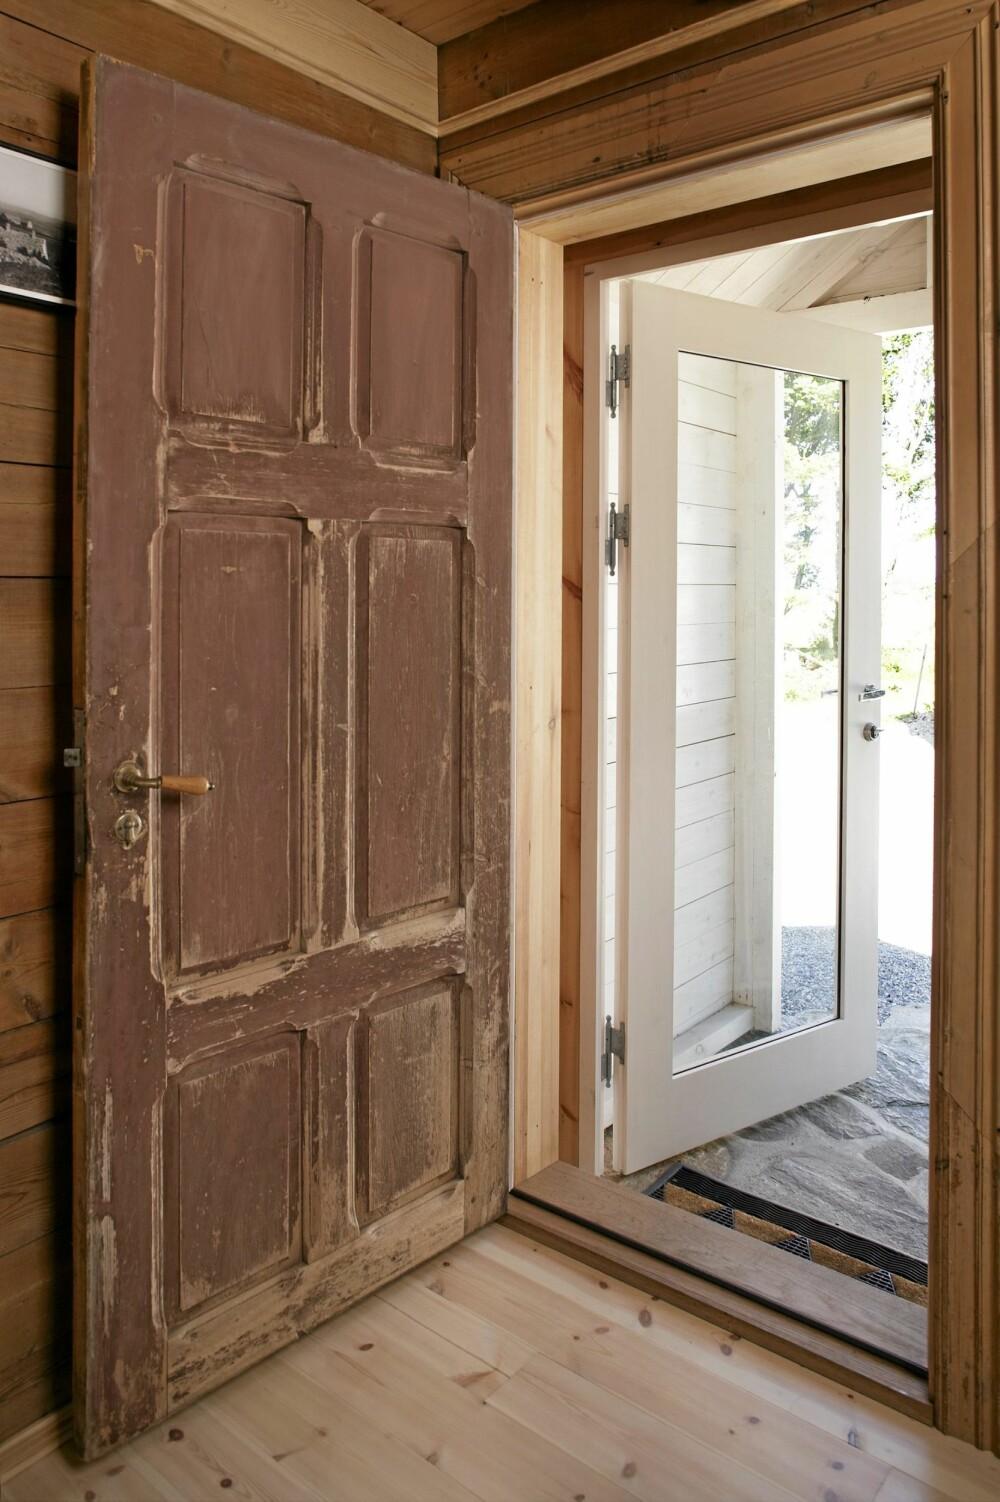 VELKOMMEN. Inngangsdørene med speil er gammel og slitt. Bislaget utenfor har glassdør slik at den opprinnelige døren er synlig utenfra. Samtidig blir inngangspartiet beskyttet av glasset.